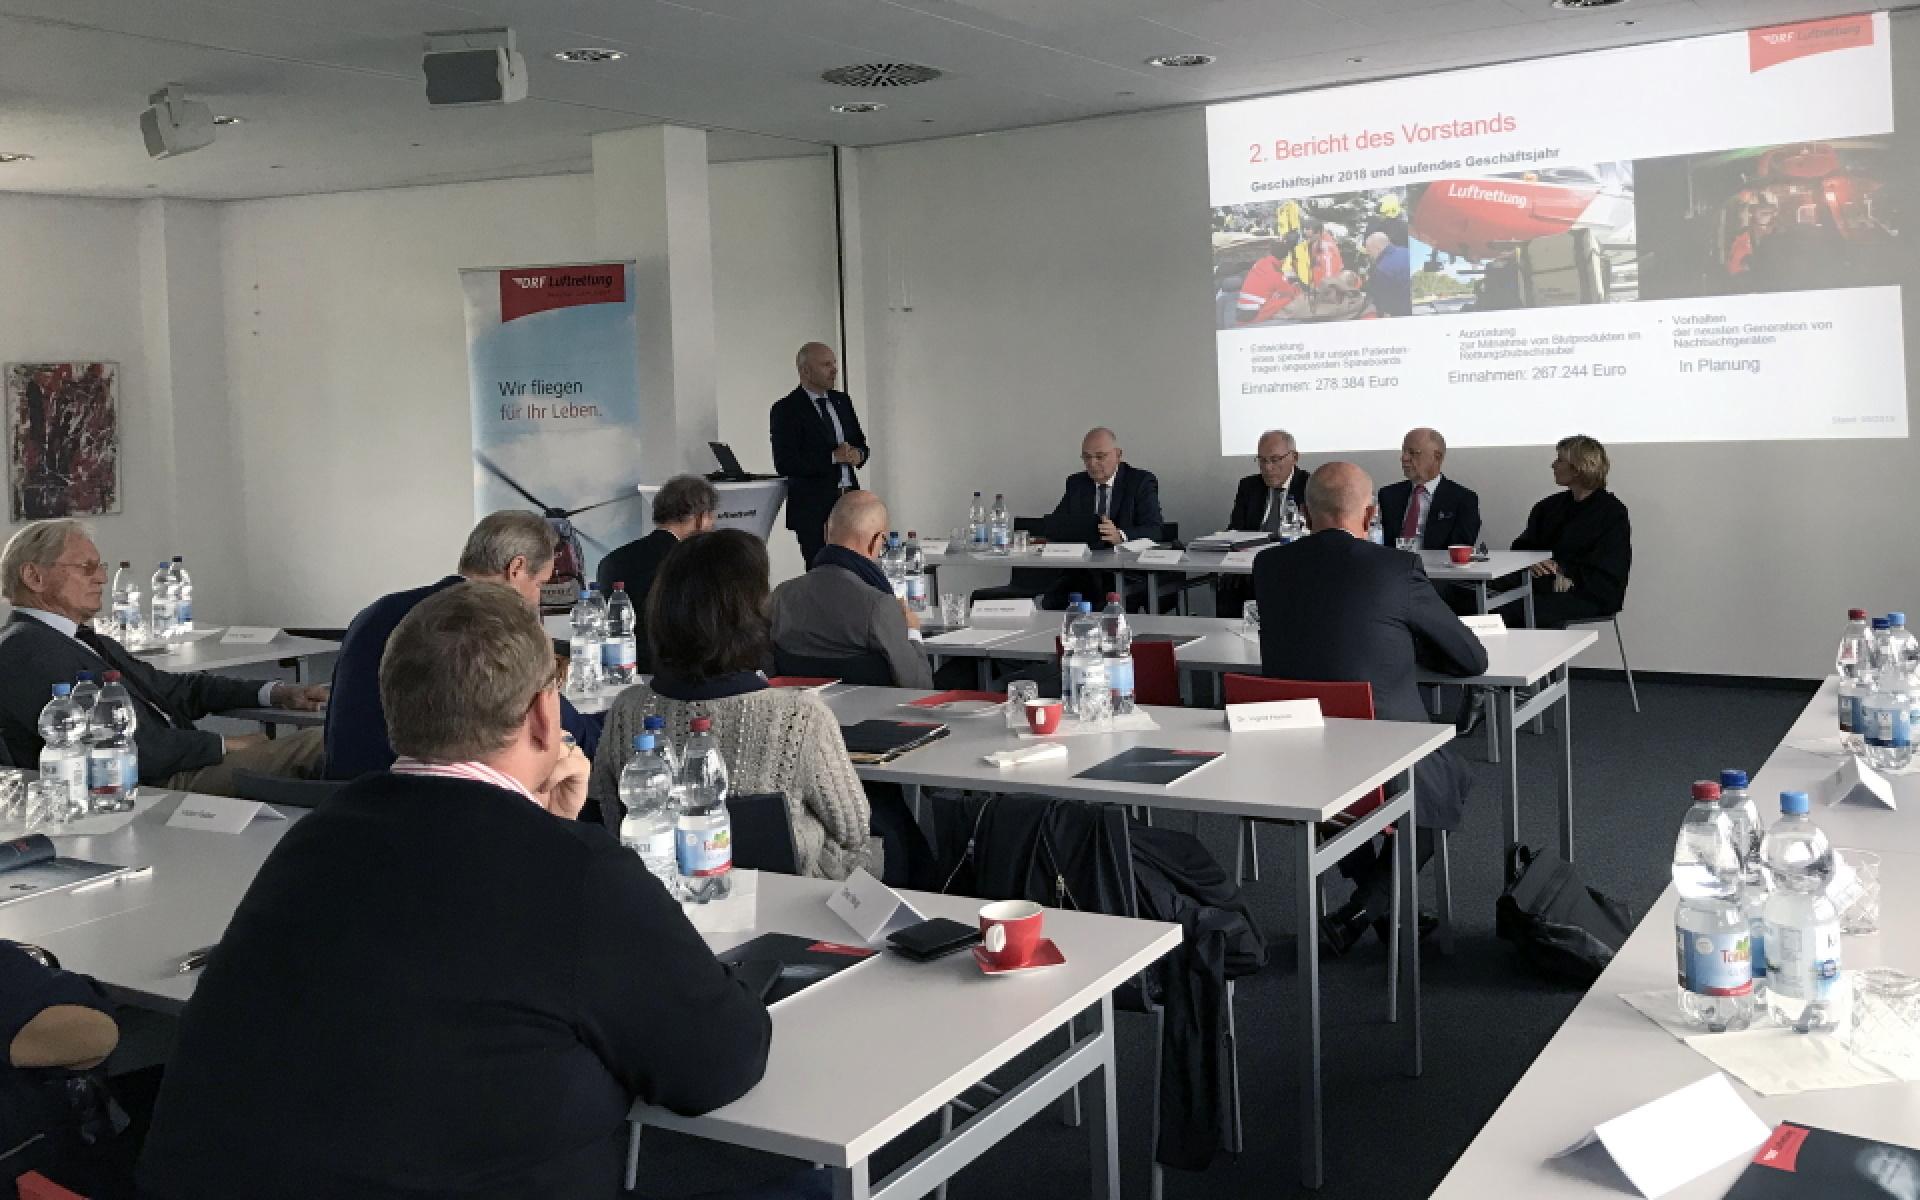 Dr. Krystian Pracz, Vorstandsvorsitzender der DRF Stiftung Luftrettung gemeinnützige AG, informiert bei der Mitgliederversammlung des DRF e.V. über das Geschäftsjahr 2018.